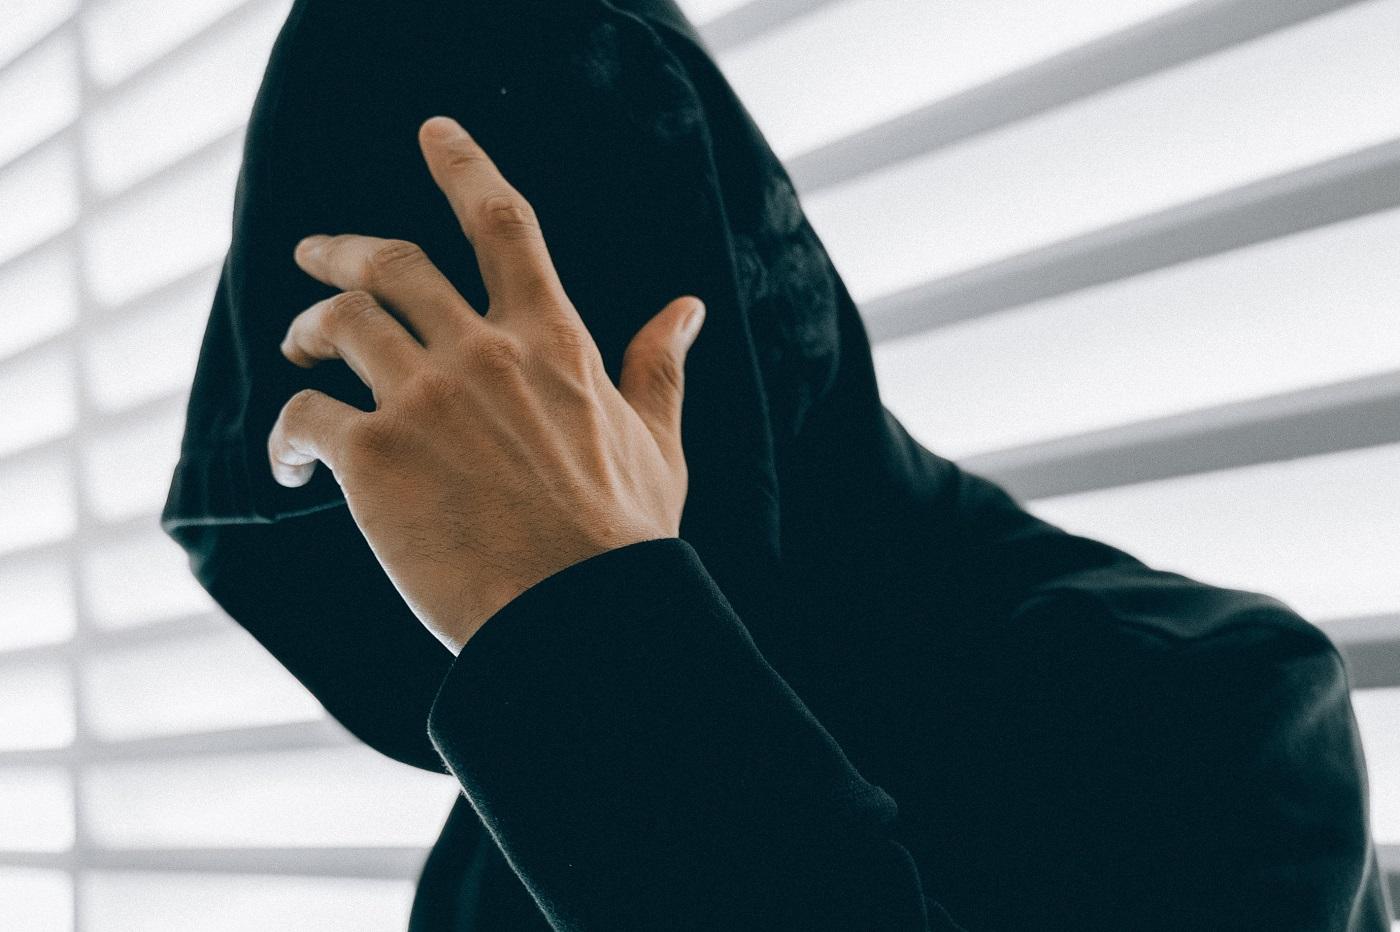 cacher le visage, inconnu, vie privée, image, reconnaissaance faciale